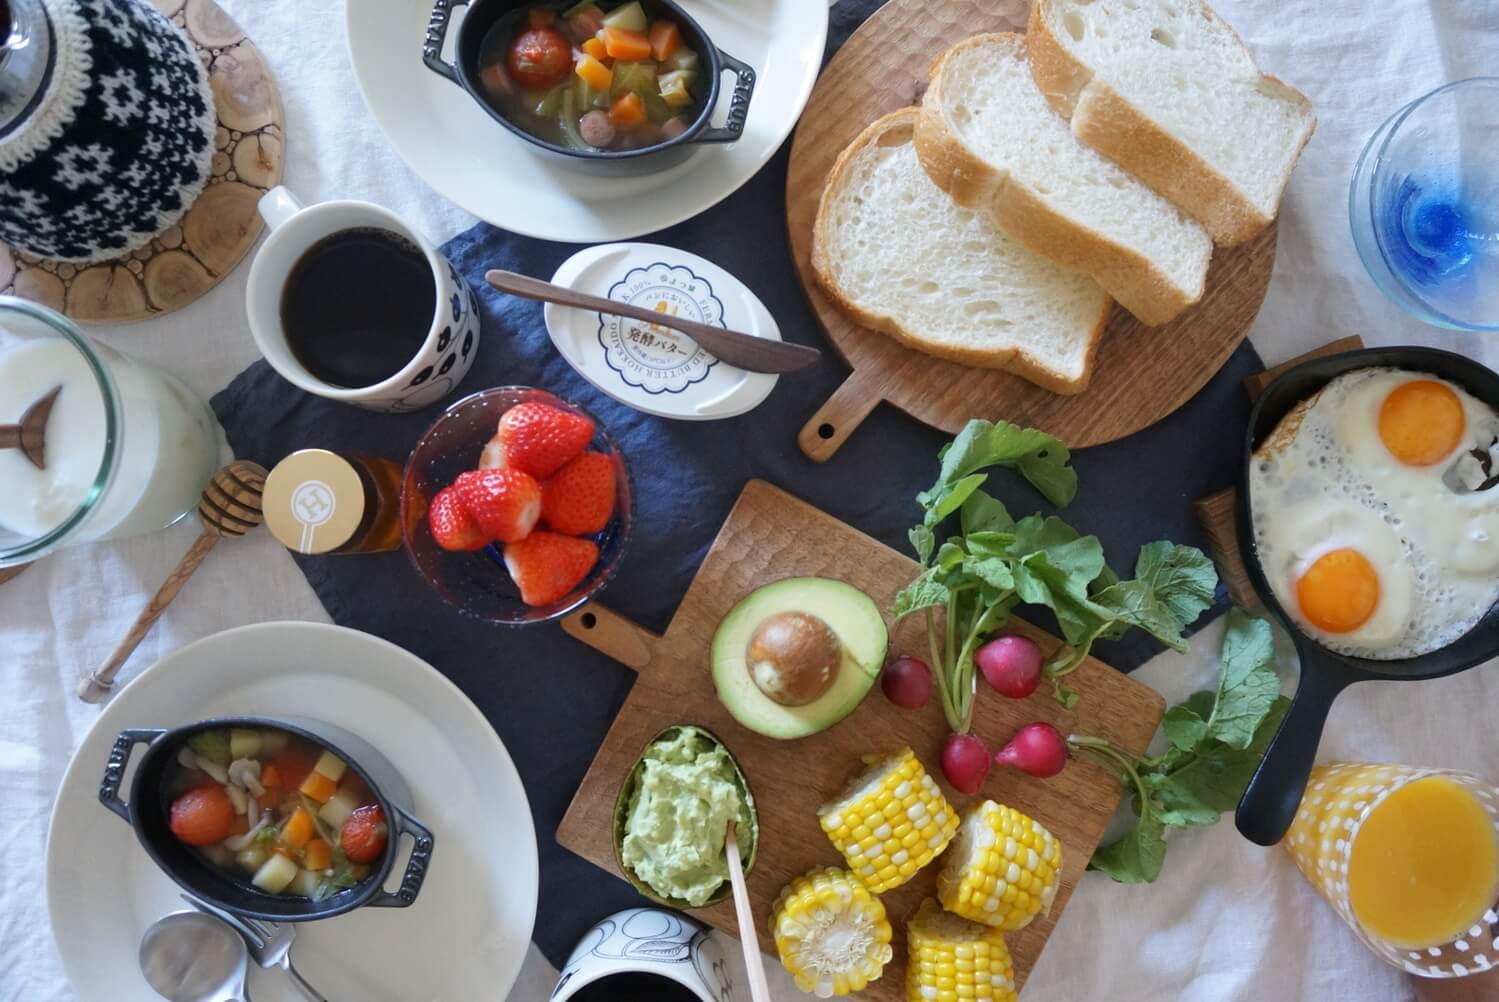 奈良観光 > 奈良市観光 > 奈良に行ったら食べたい朝ご飯まとめ